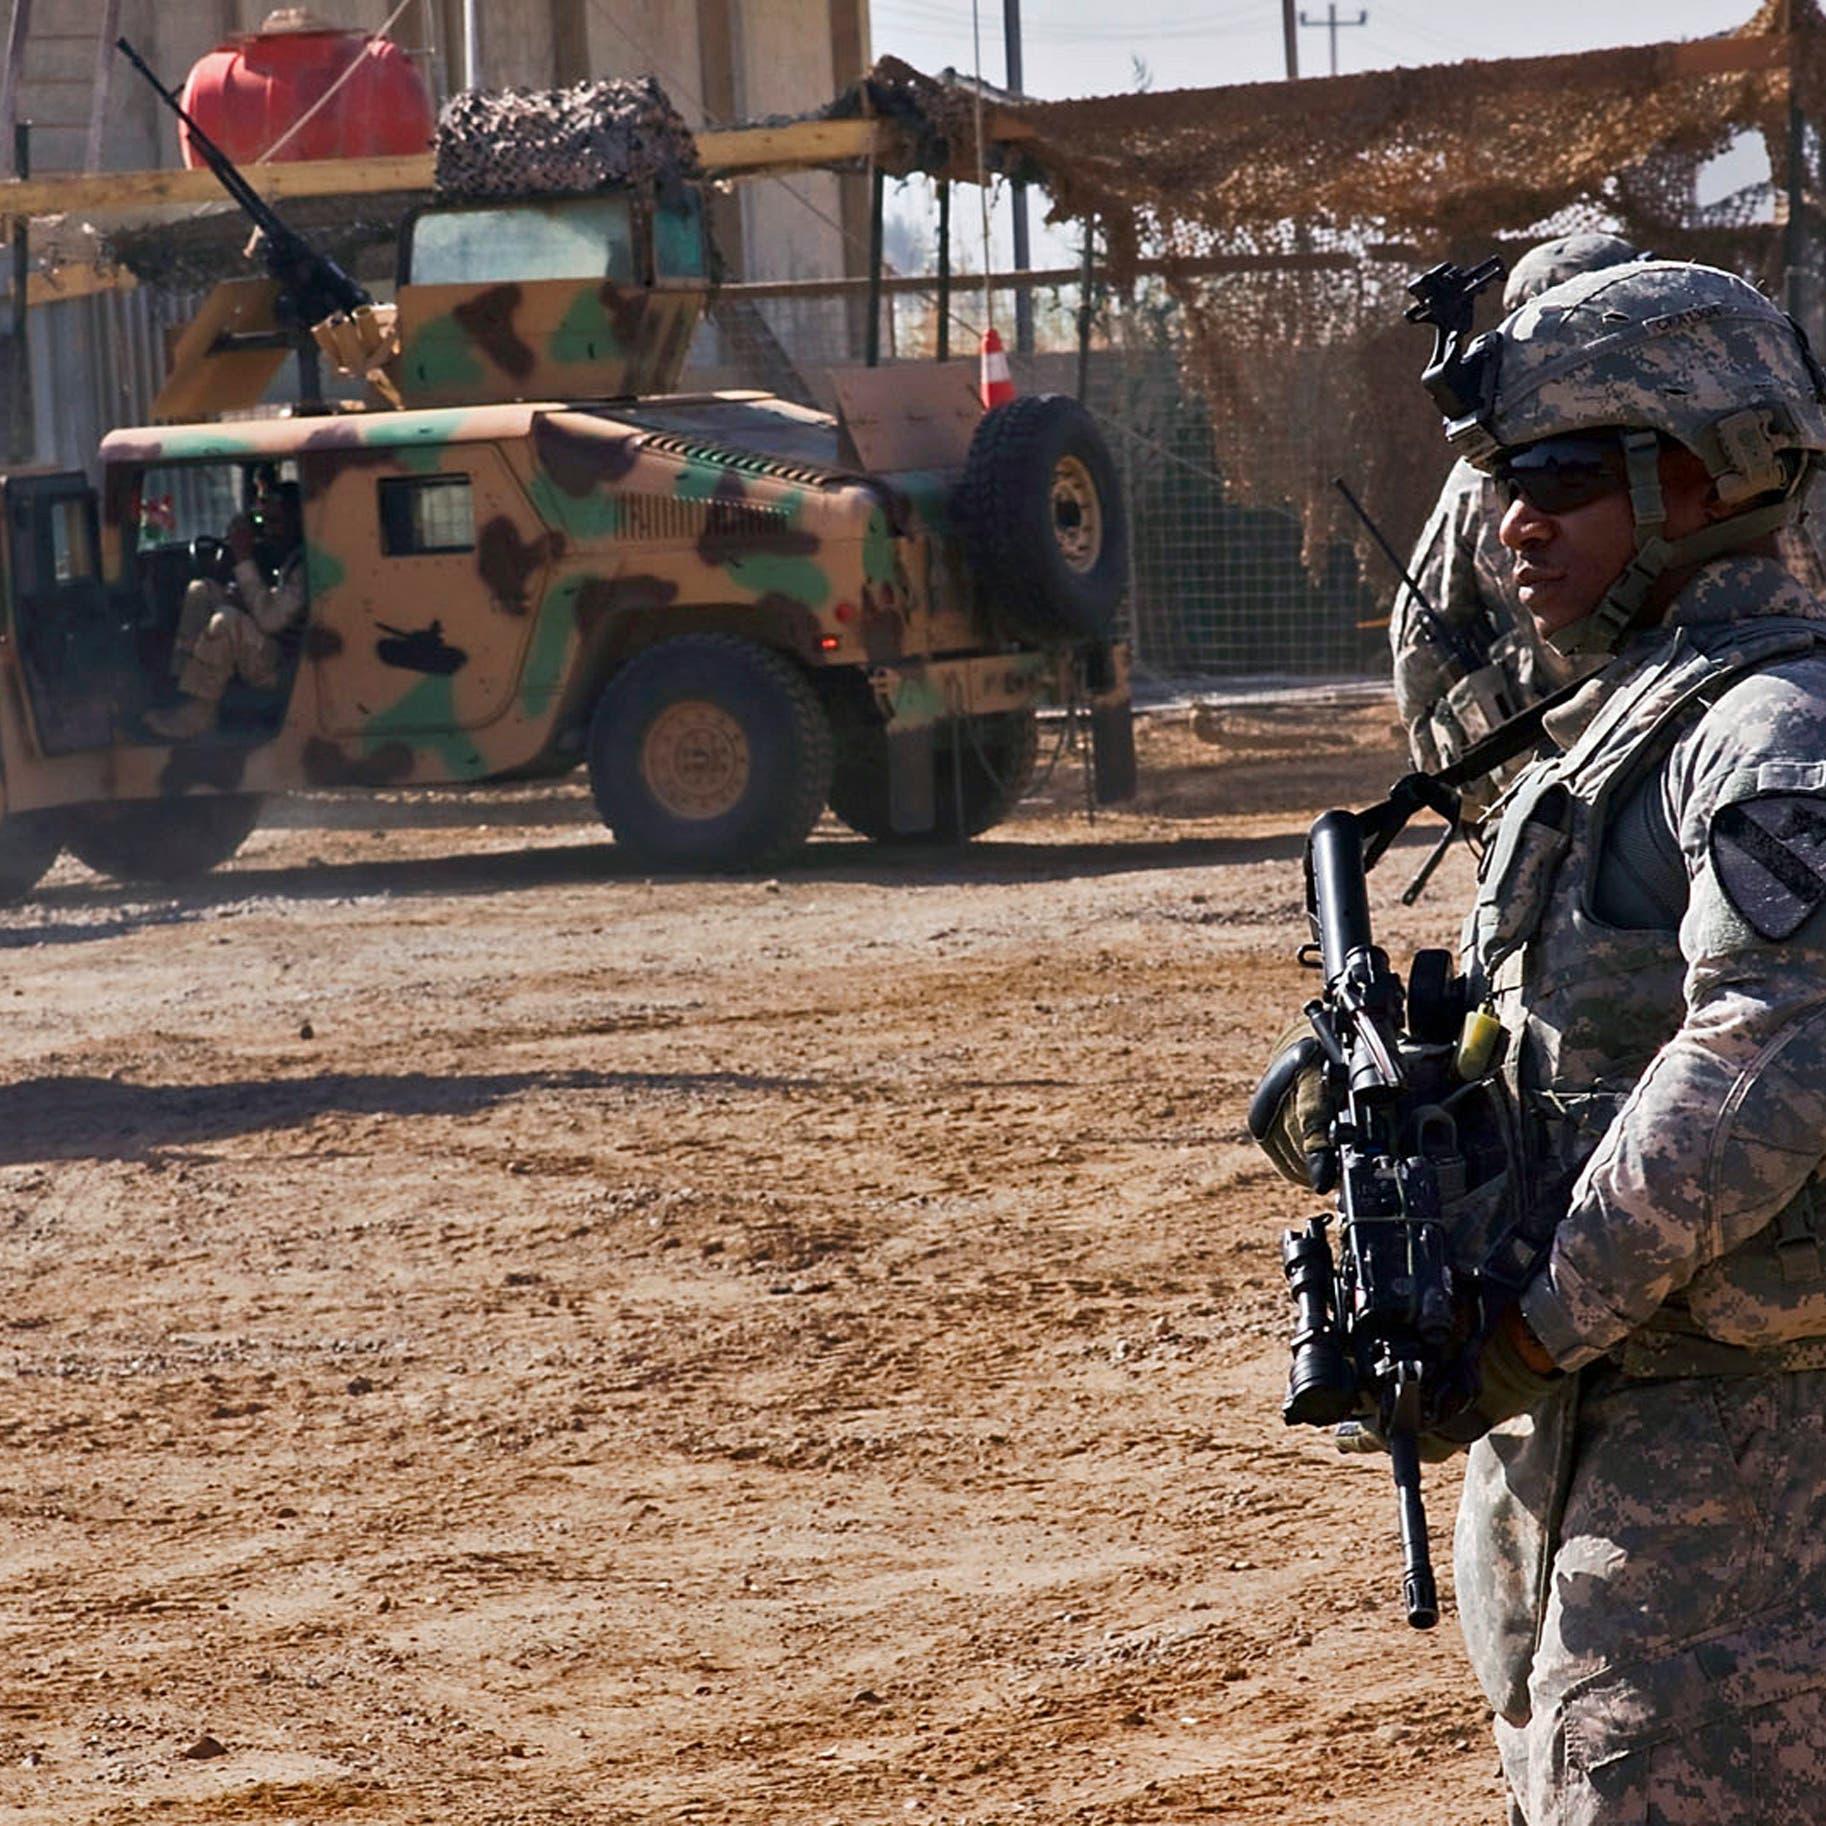 الجيش العراقي يعلن استهداف معسكر التاجي بصاروخين